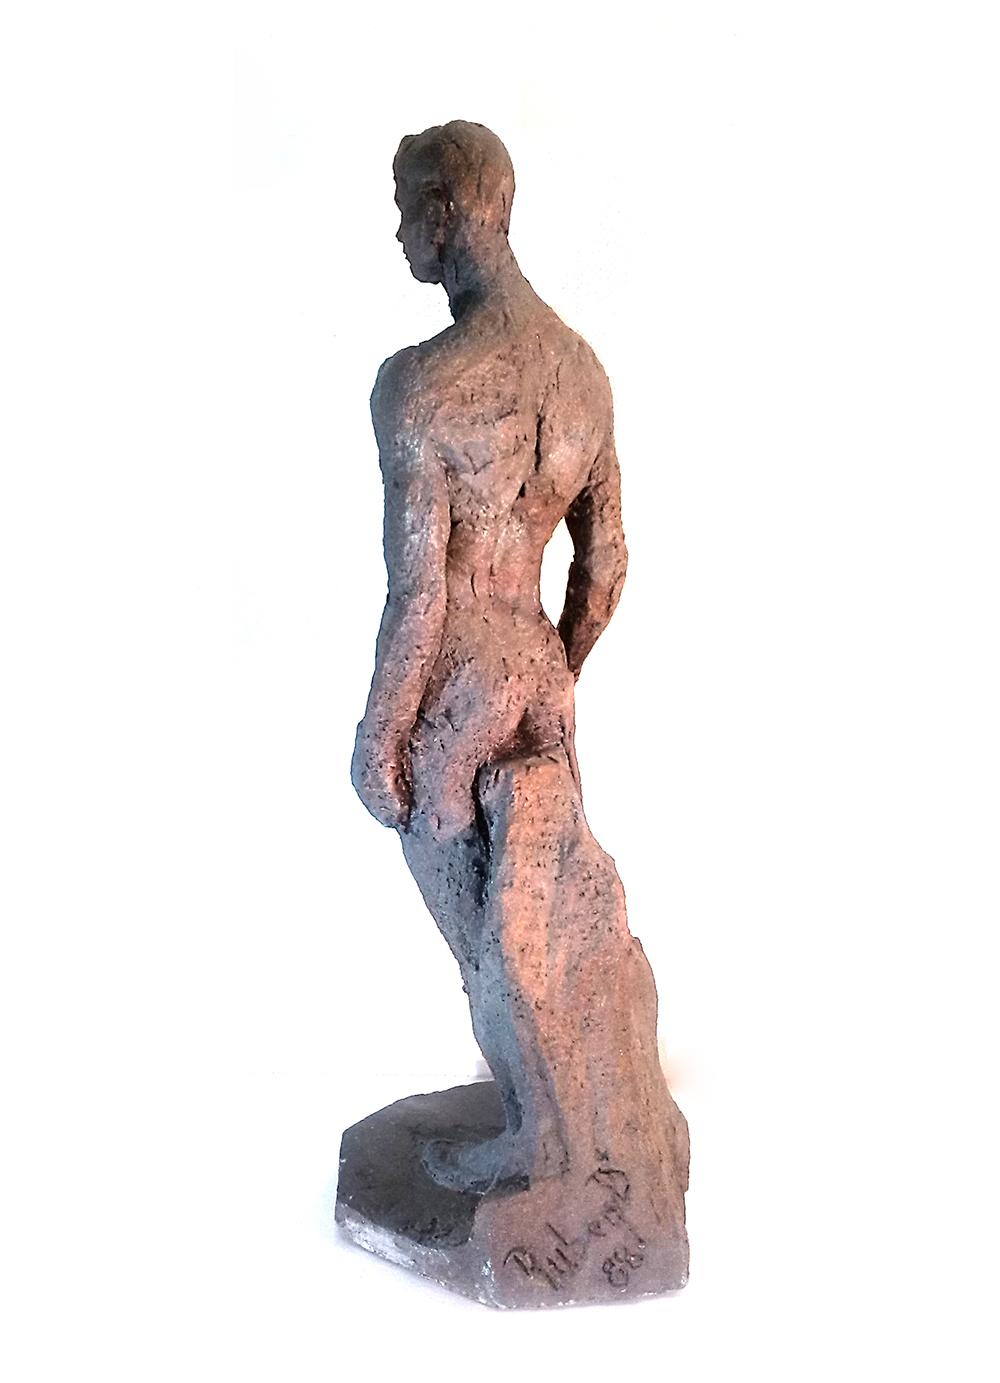 Escultura-Masculina-C-Figurativo-Realista-RD.Escultor